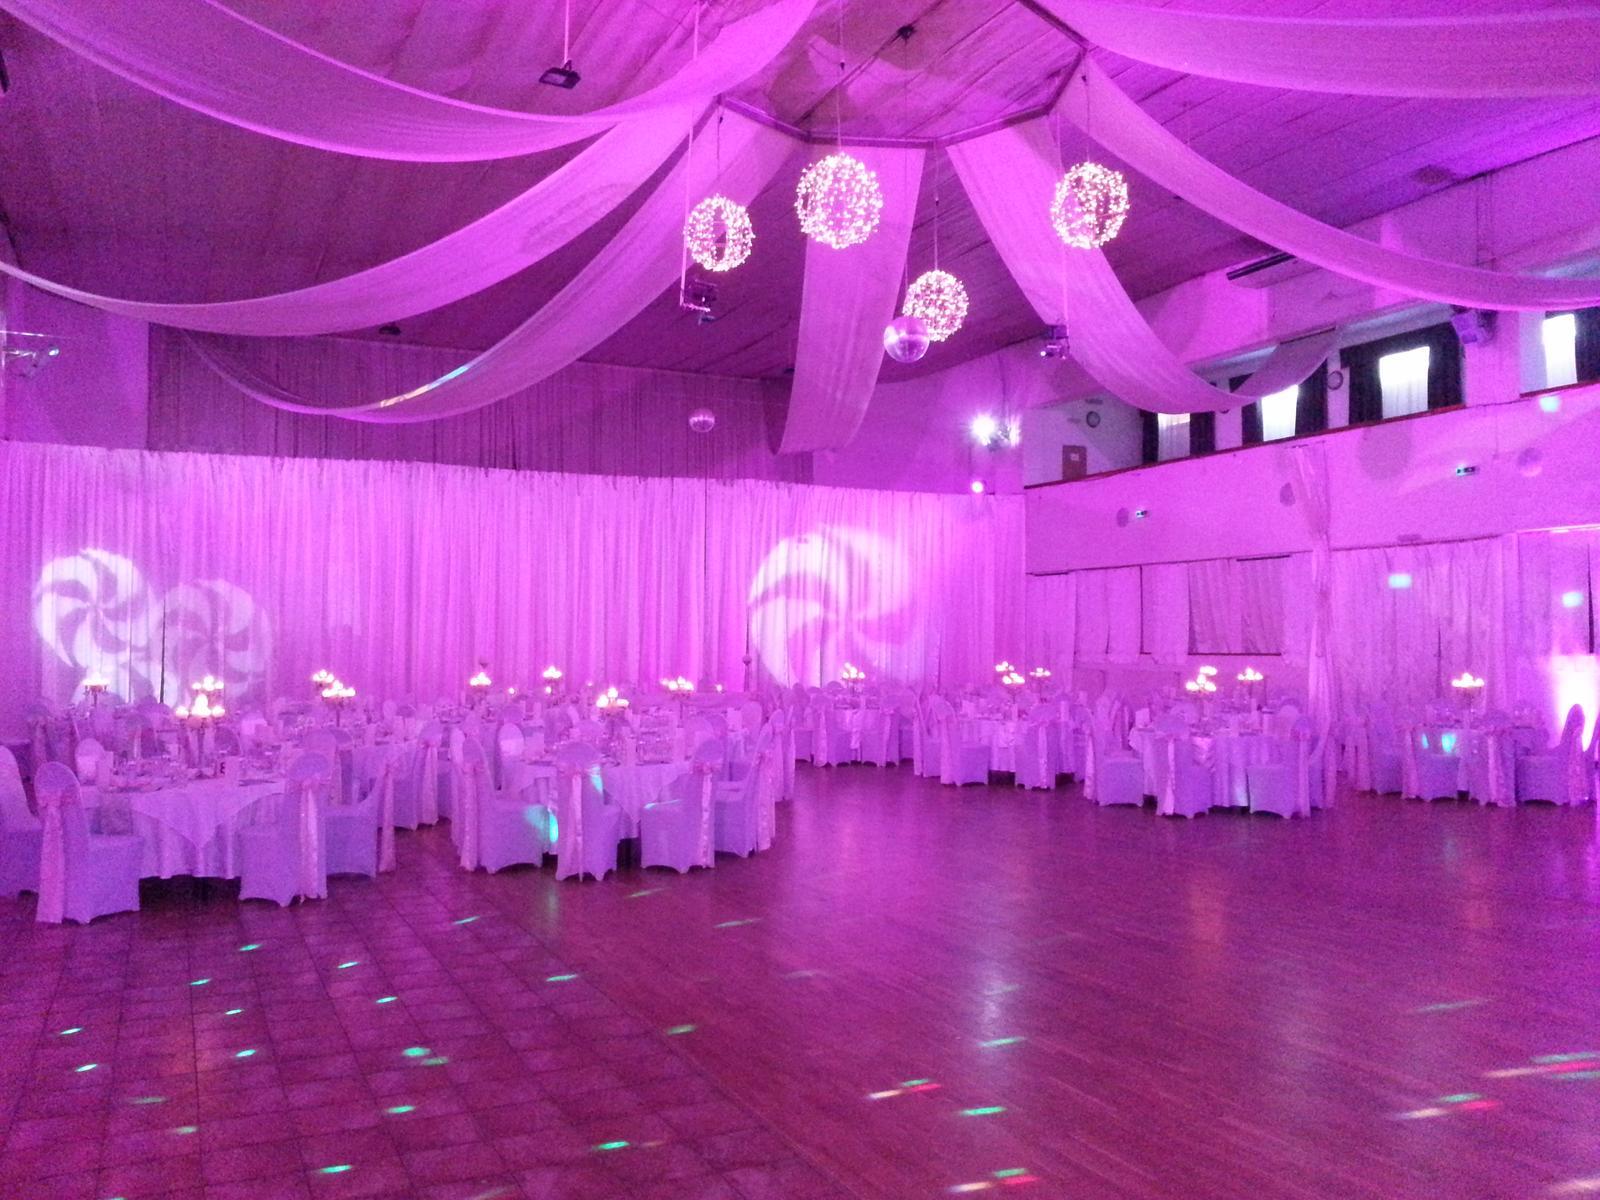 dj_erni - Svadobná nádhera - výborná svadba v PKO Nitra